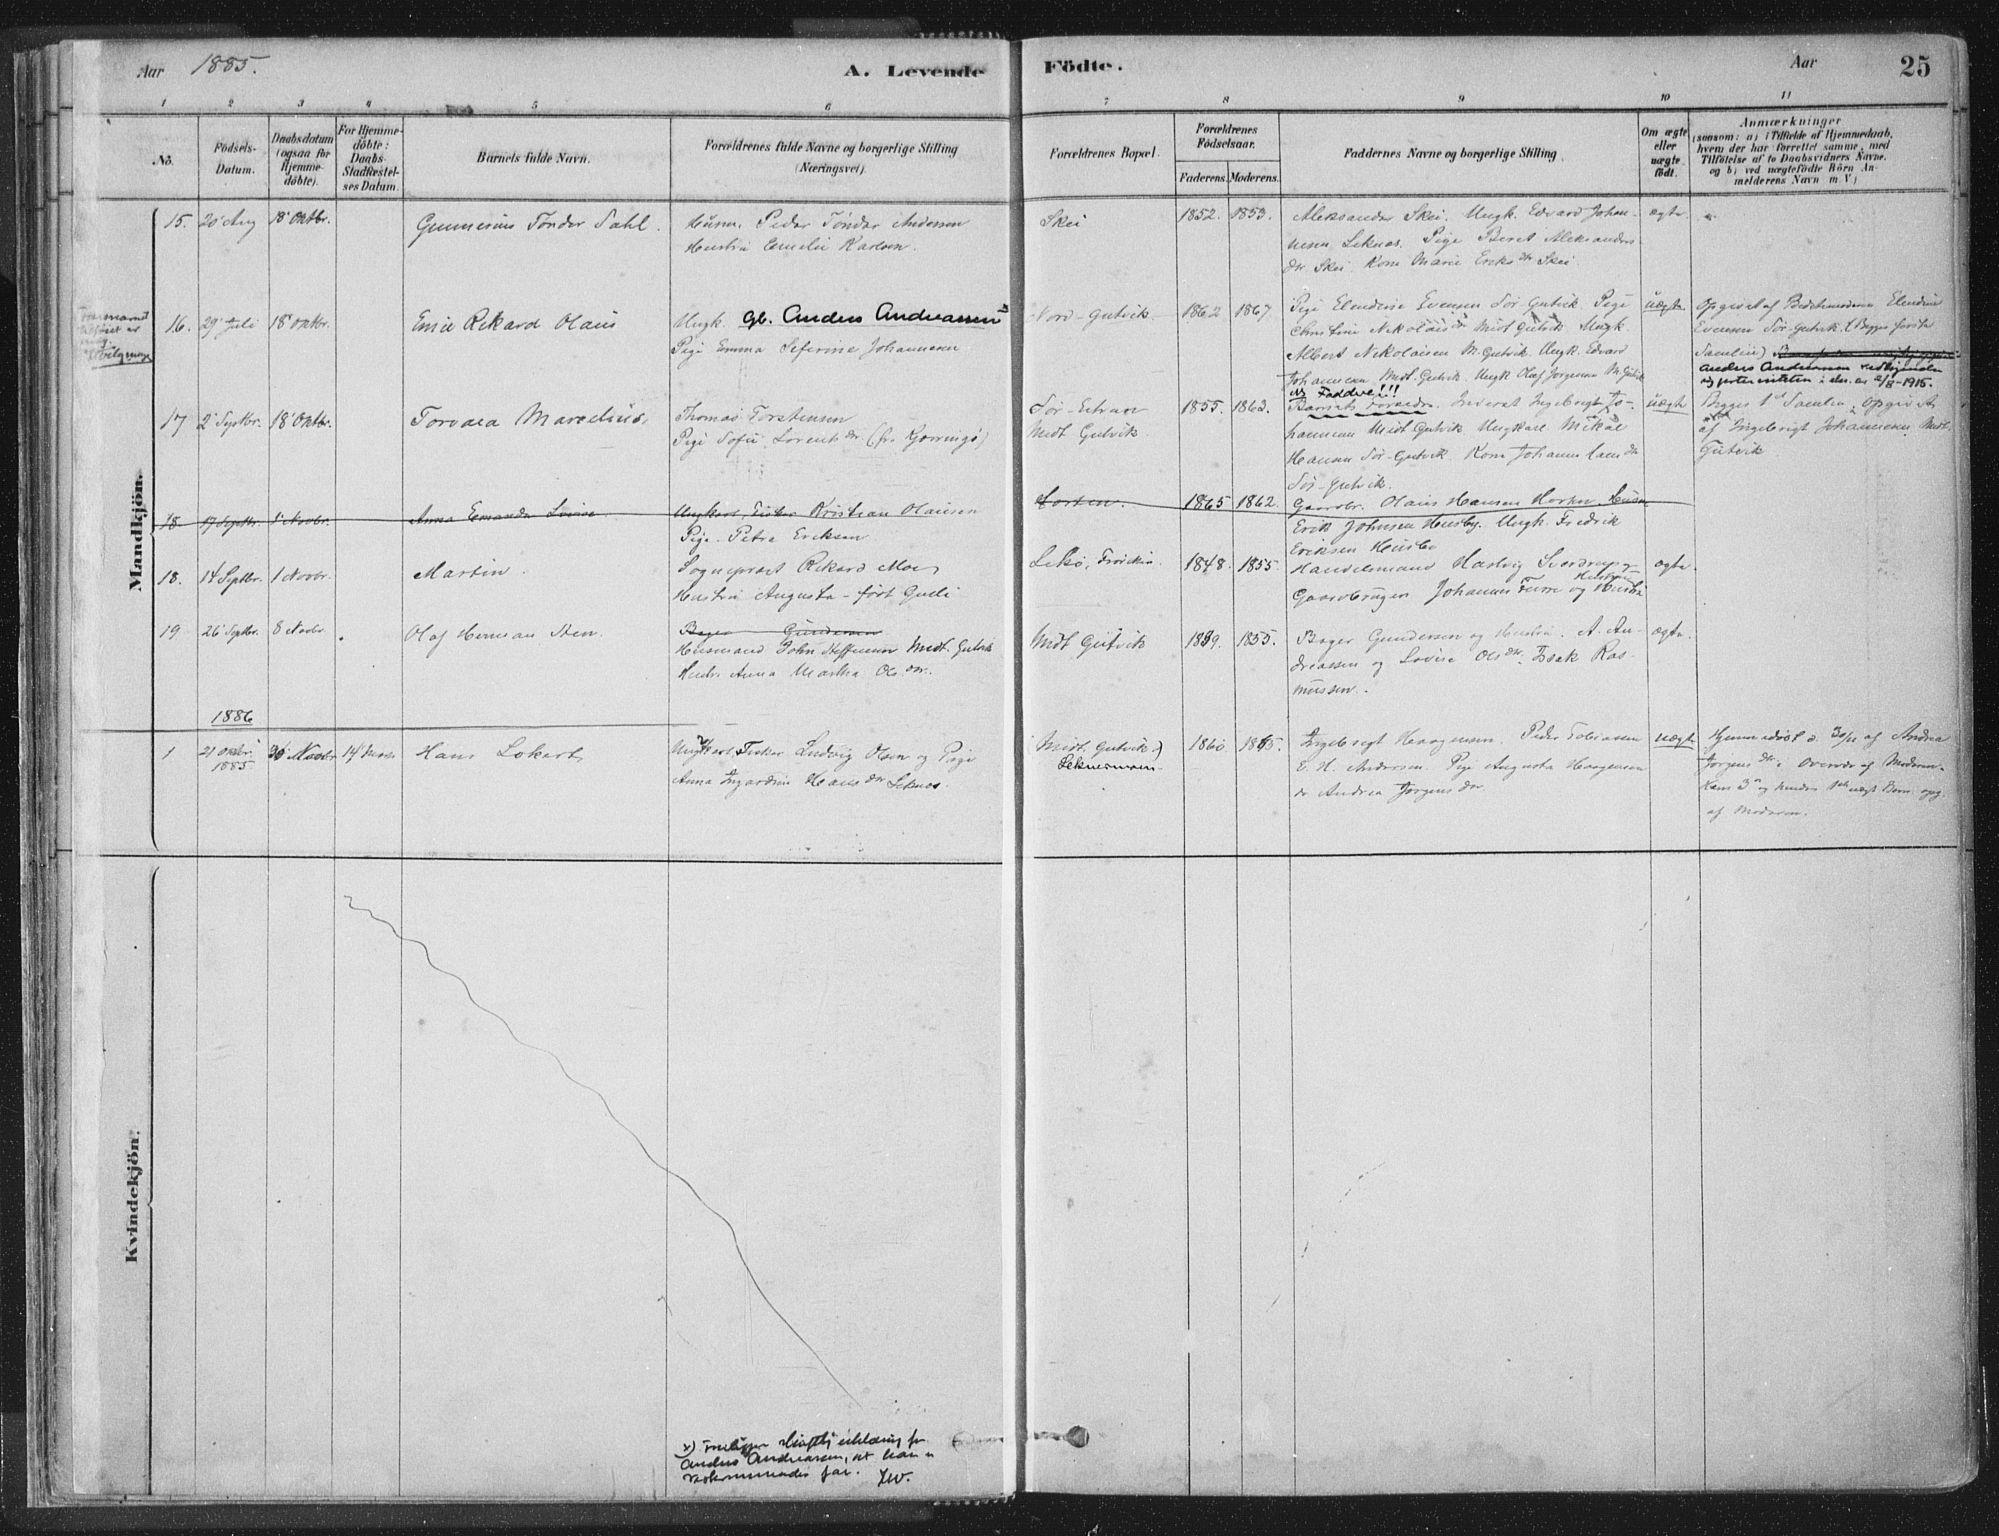 SAT, Ministerialprotokoller, klokkerbøker og fødselsregistre - Nord-Trøndelag, 788/L0697: Ministerialbok nr. 788A04, 1878-1902, s. 25